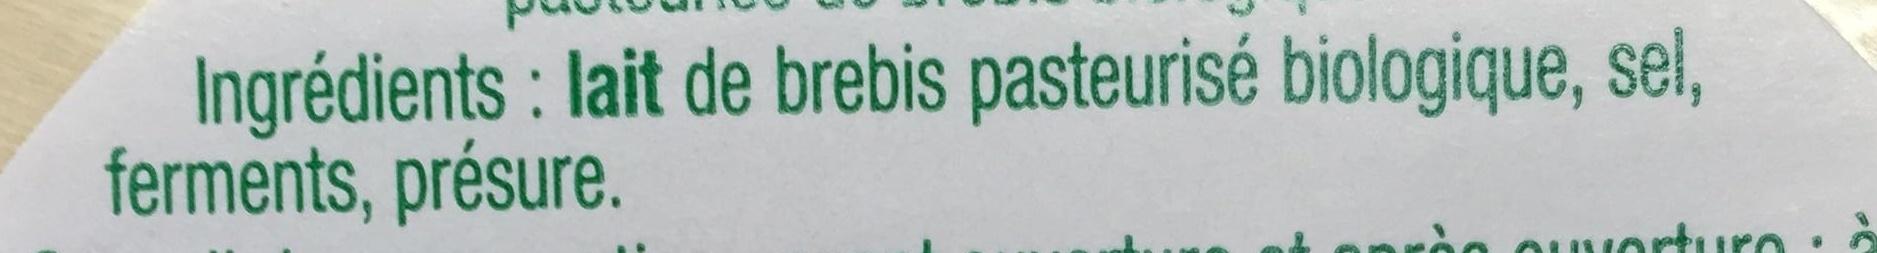 Pérail de Brebis (22 % MG) - Ingredients